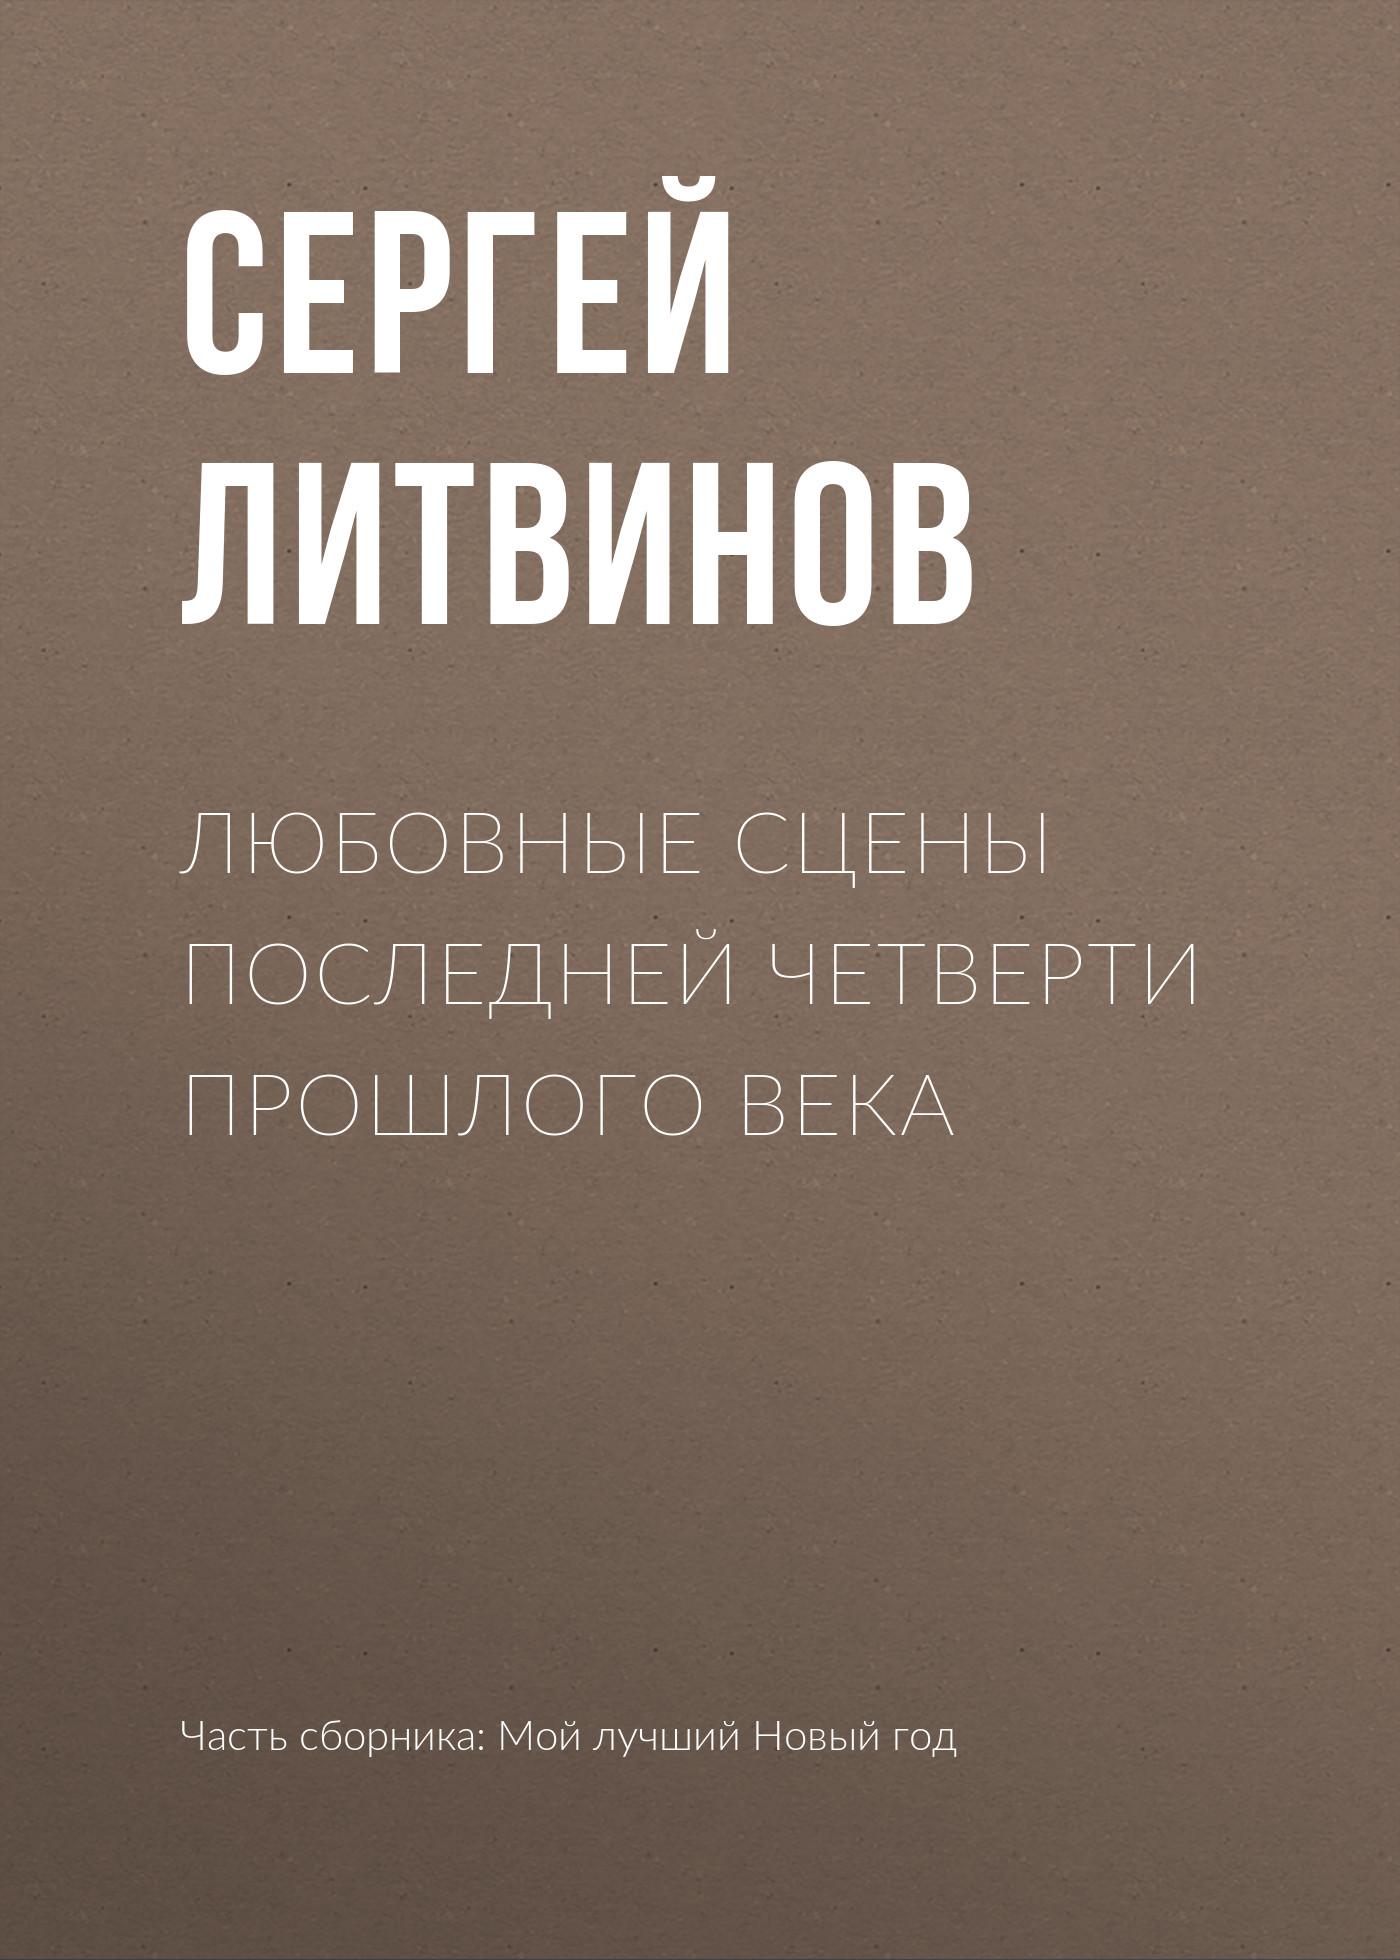 Сергей Литвинов Любовные сцены последней четверти прошлого века сергей литвинов лавка забытых иллюзий сборник